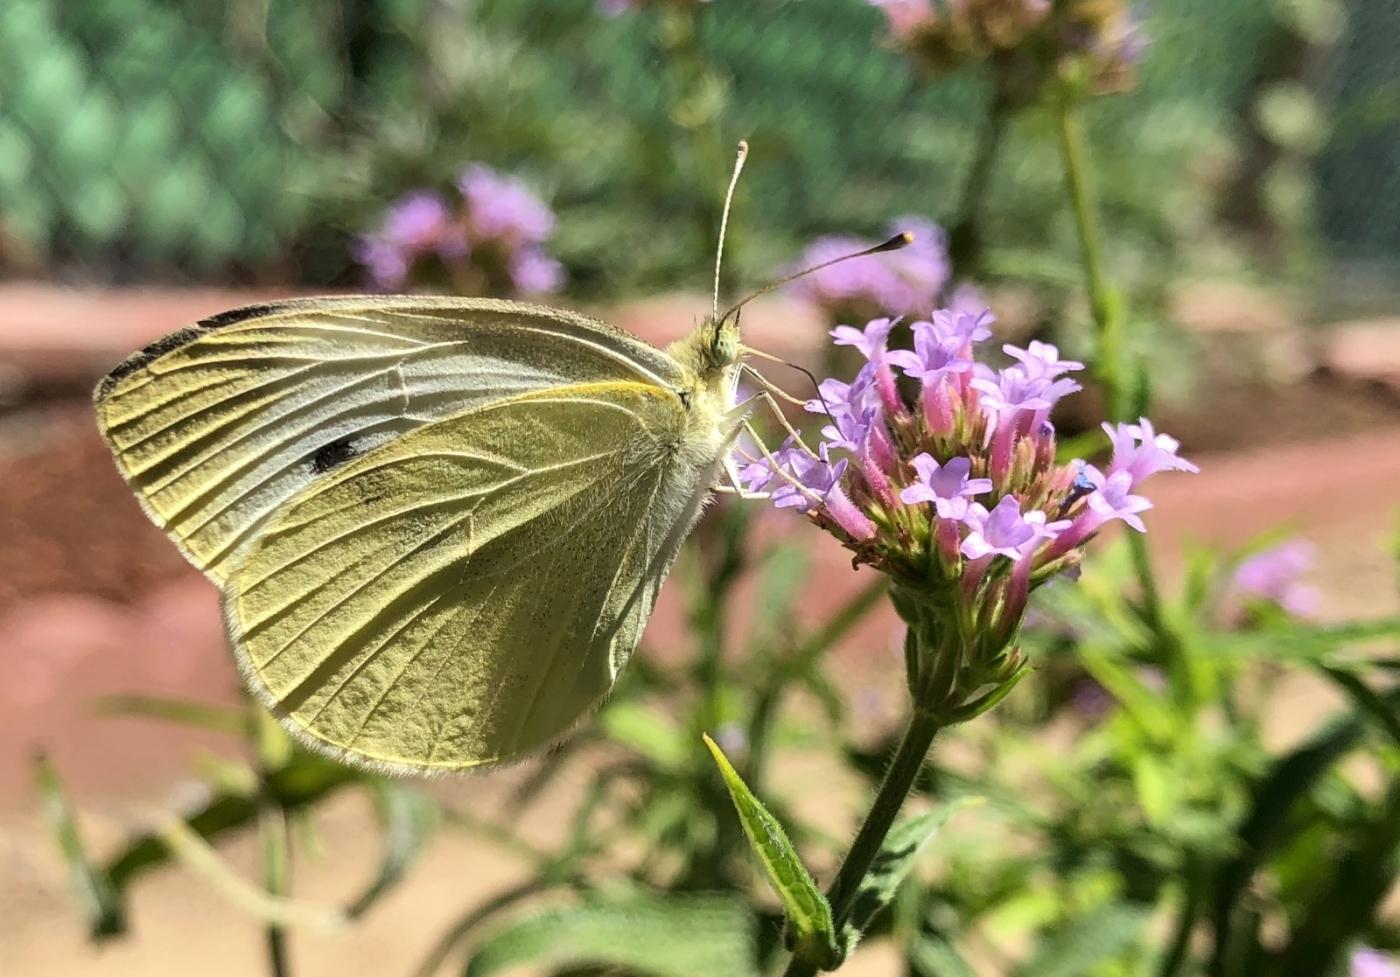 【田螺随拍】我种了马鞭草蝴蝶就来了_图1-21